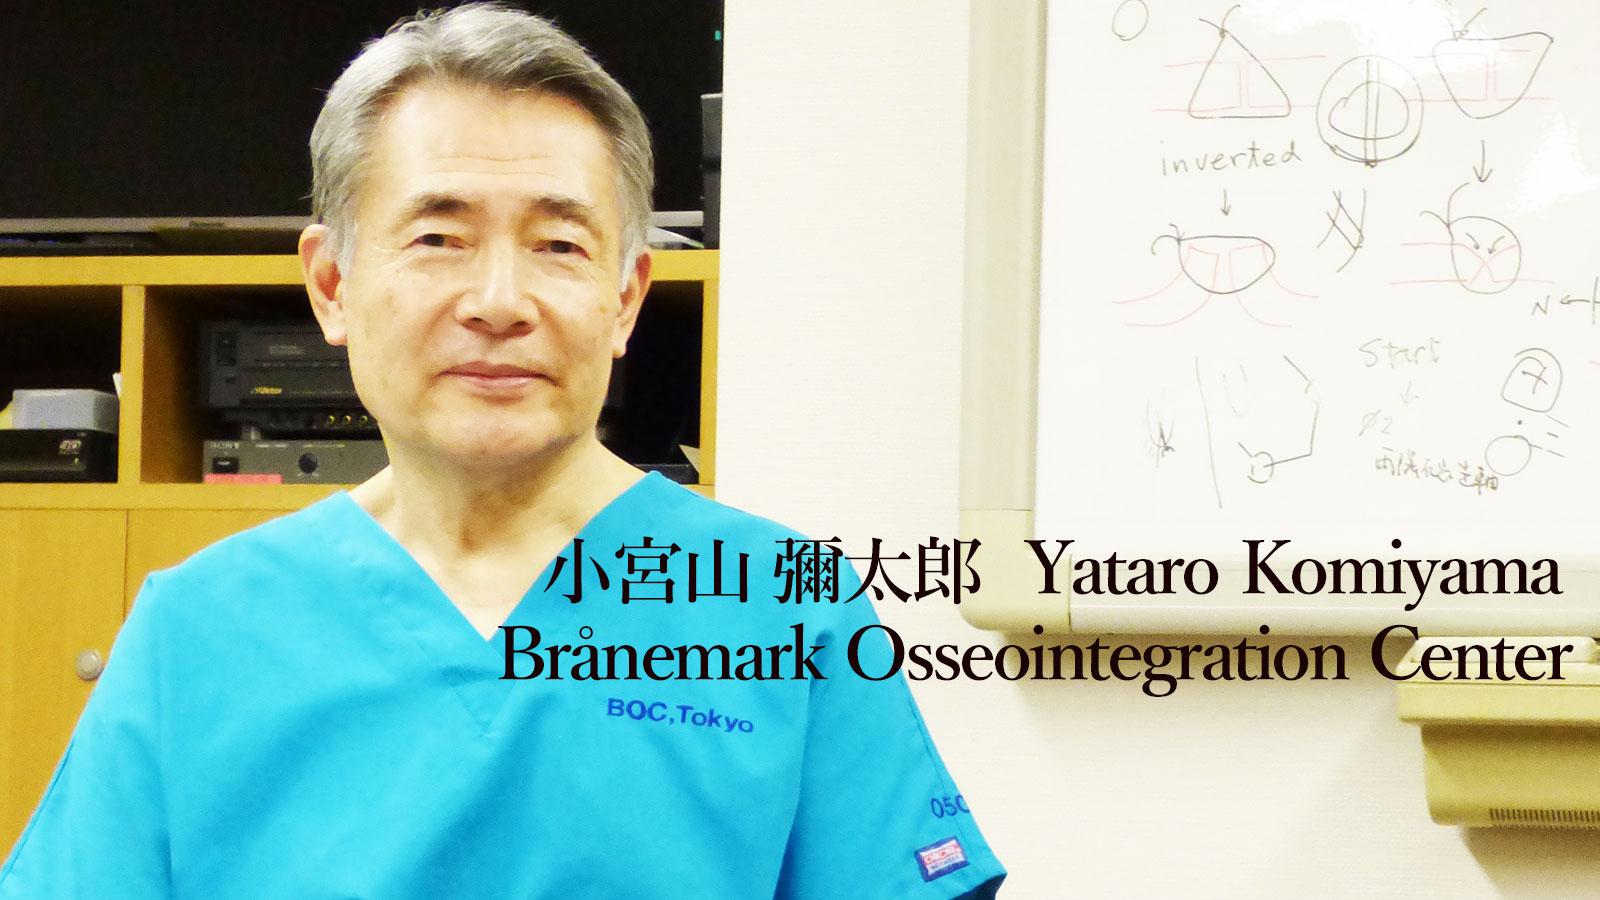 小宮山彌太郎先生 後編『これからの歯科医療を牽引する世代へのメッセージ』の画像です